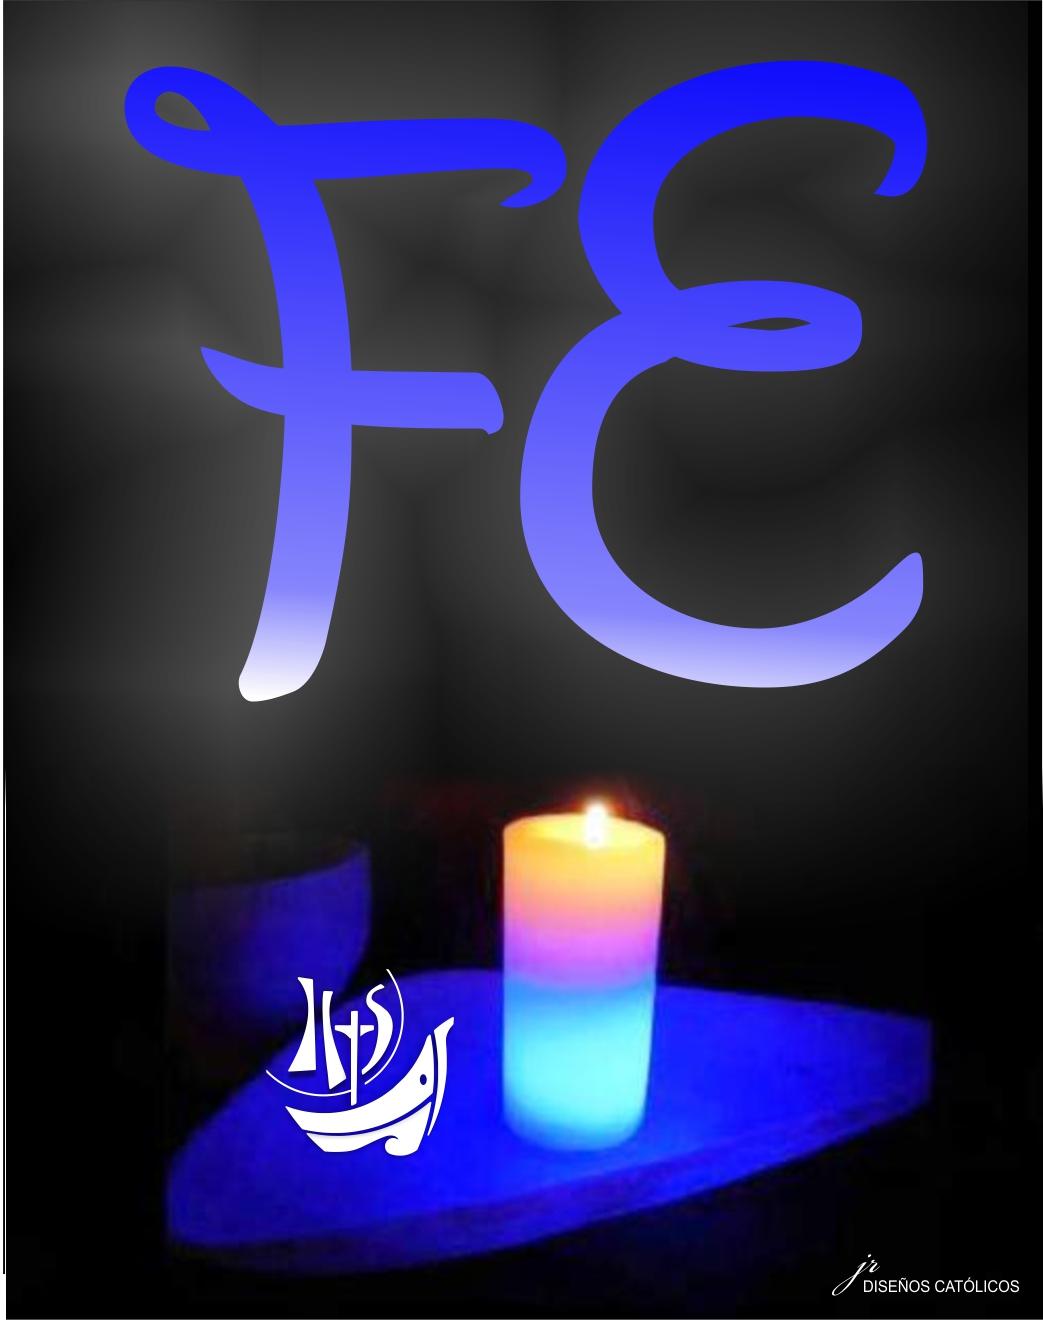 http://4.bp.blogspot.com/-vvjVaqlXOeM/UQBks7bGjDI/AAAAAAAALys/Jd5bTwmcOPM/s1600/FE+A%C3%91O+DE+LA+FE.jpg